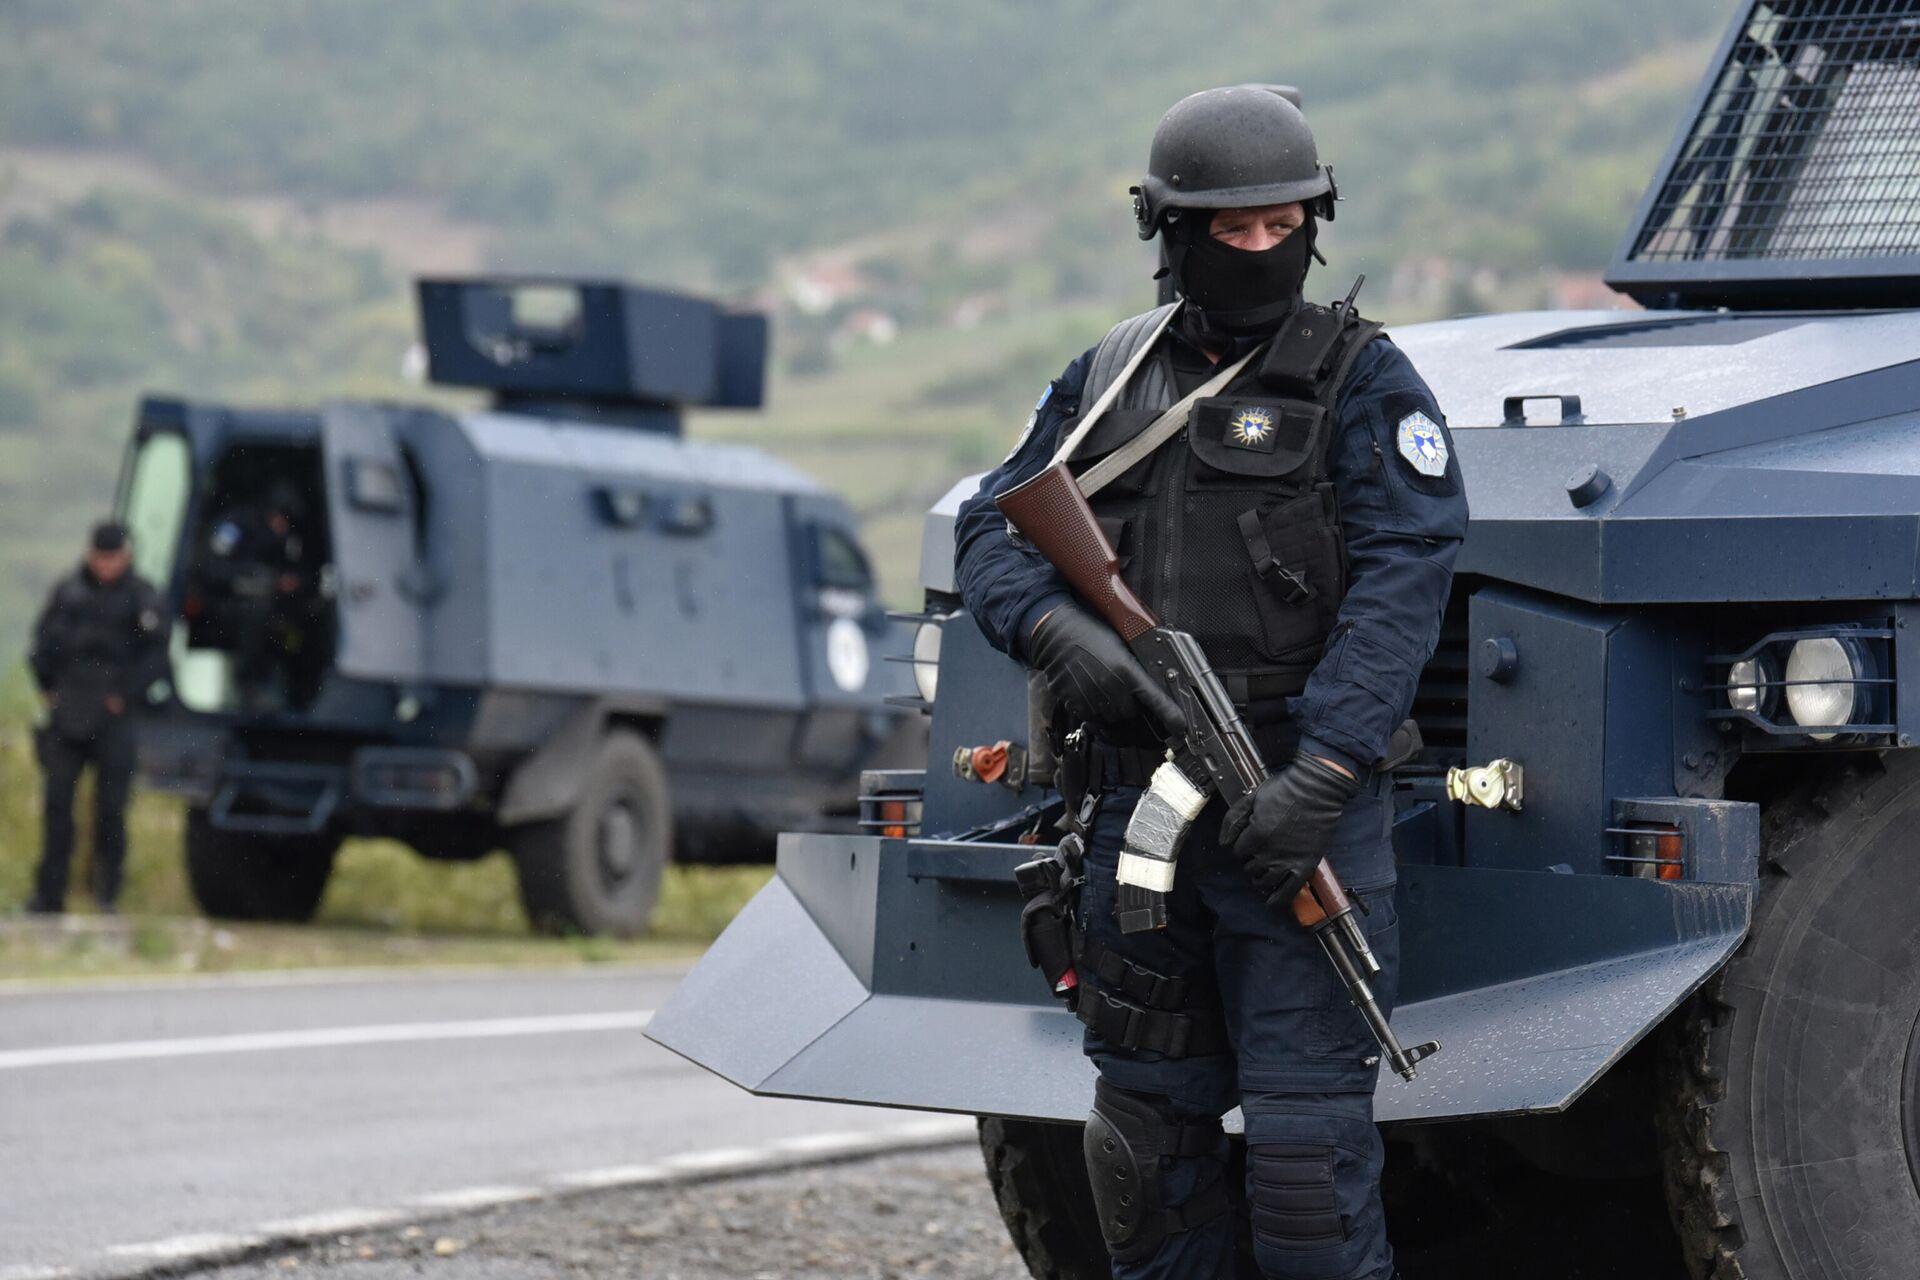 Спецназ полиции Косово во время протеста косовских сербов в Яринье - РИА Новости, 1920, 27.09.2021